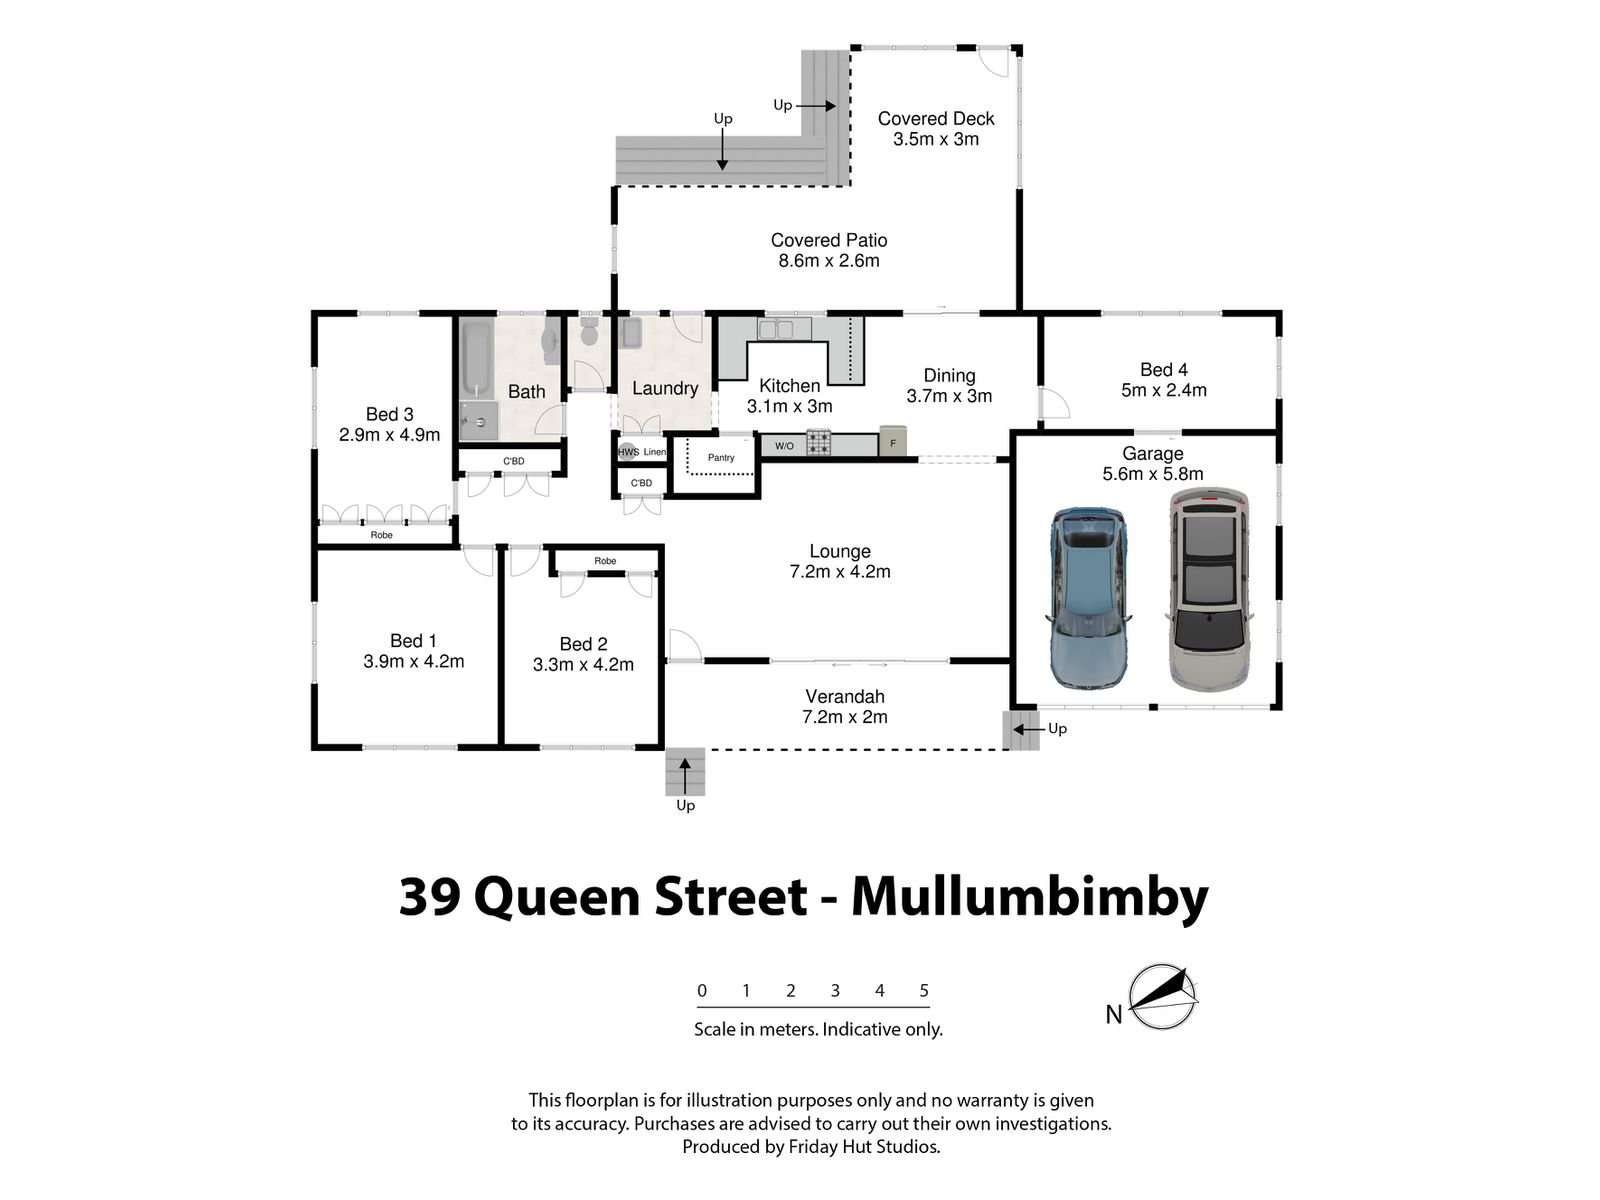 39 Queen Street, Mullumbimby